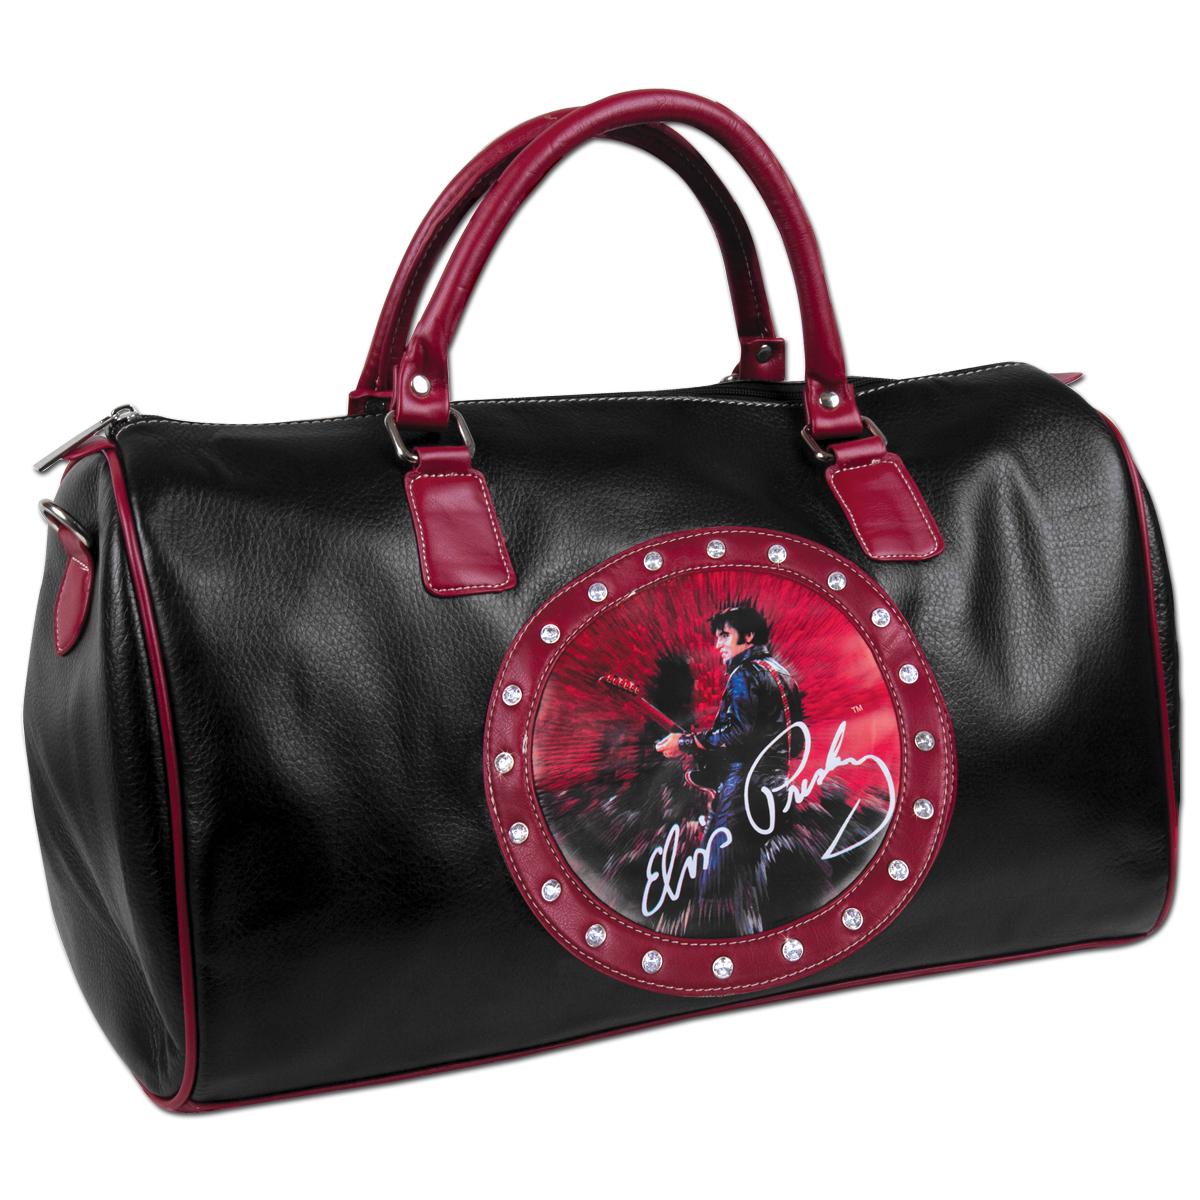 Elvis '68 Special Fragment Handbag